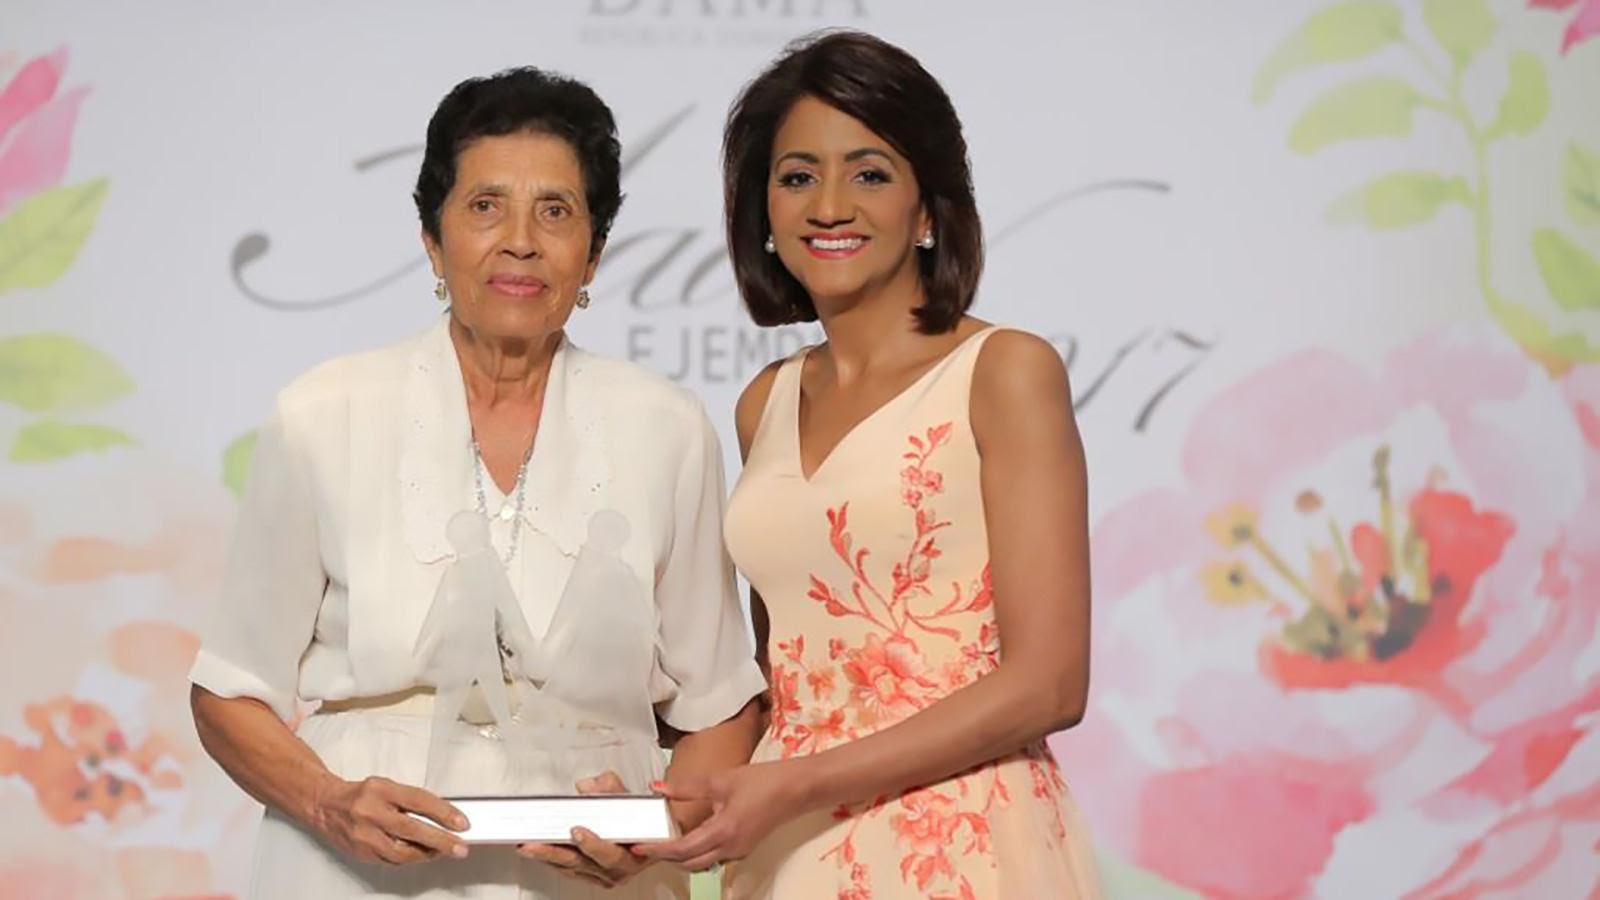 Primera Dama reconoce aportes de la mujer en el desarrollo del país